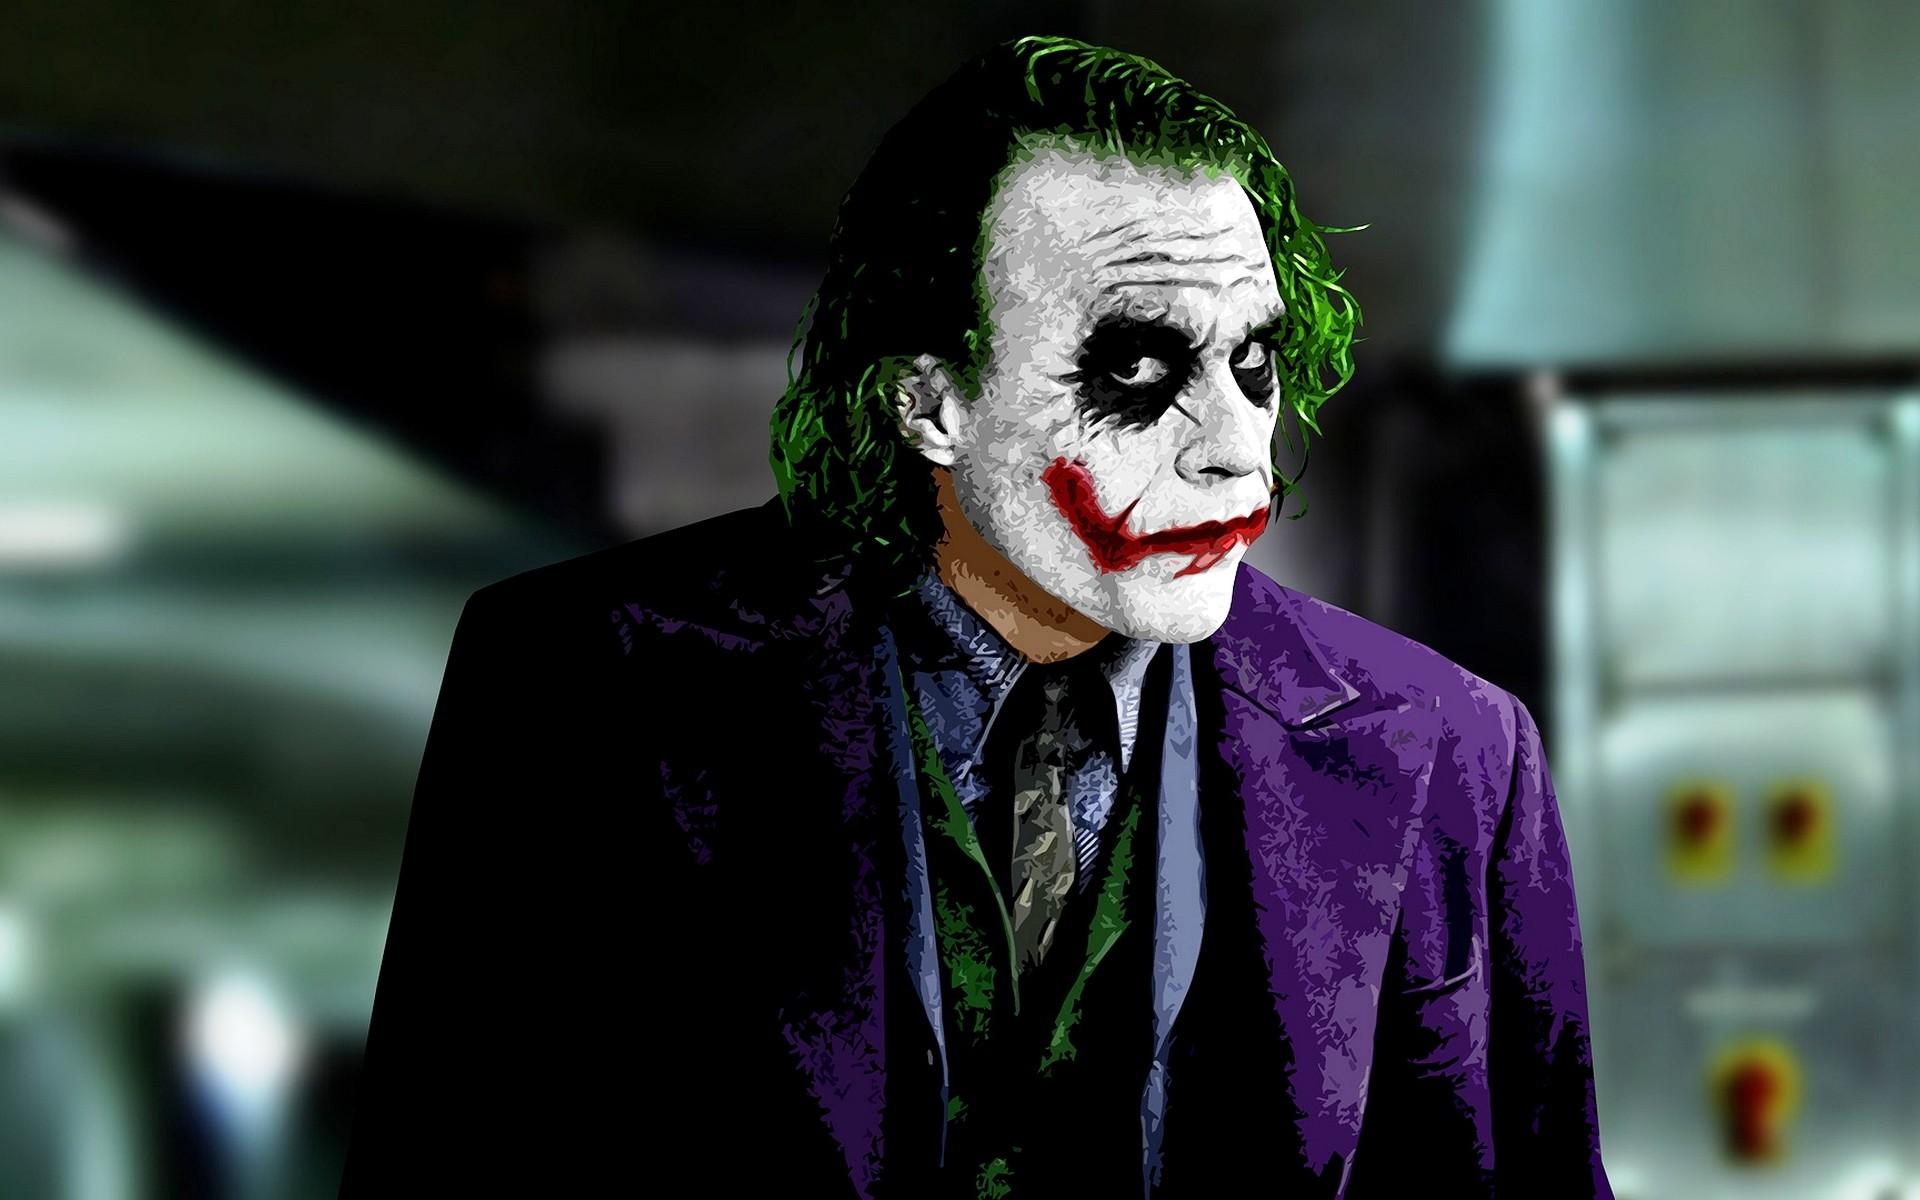 The Joker Widescreen Wallpaper 1920×1200